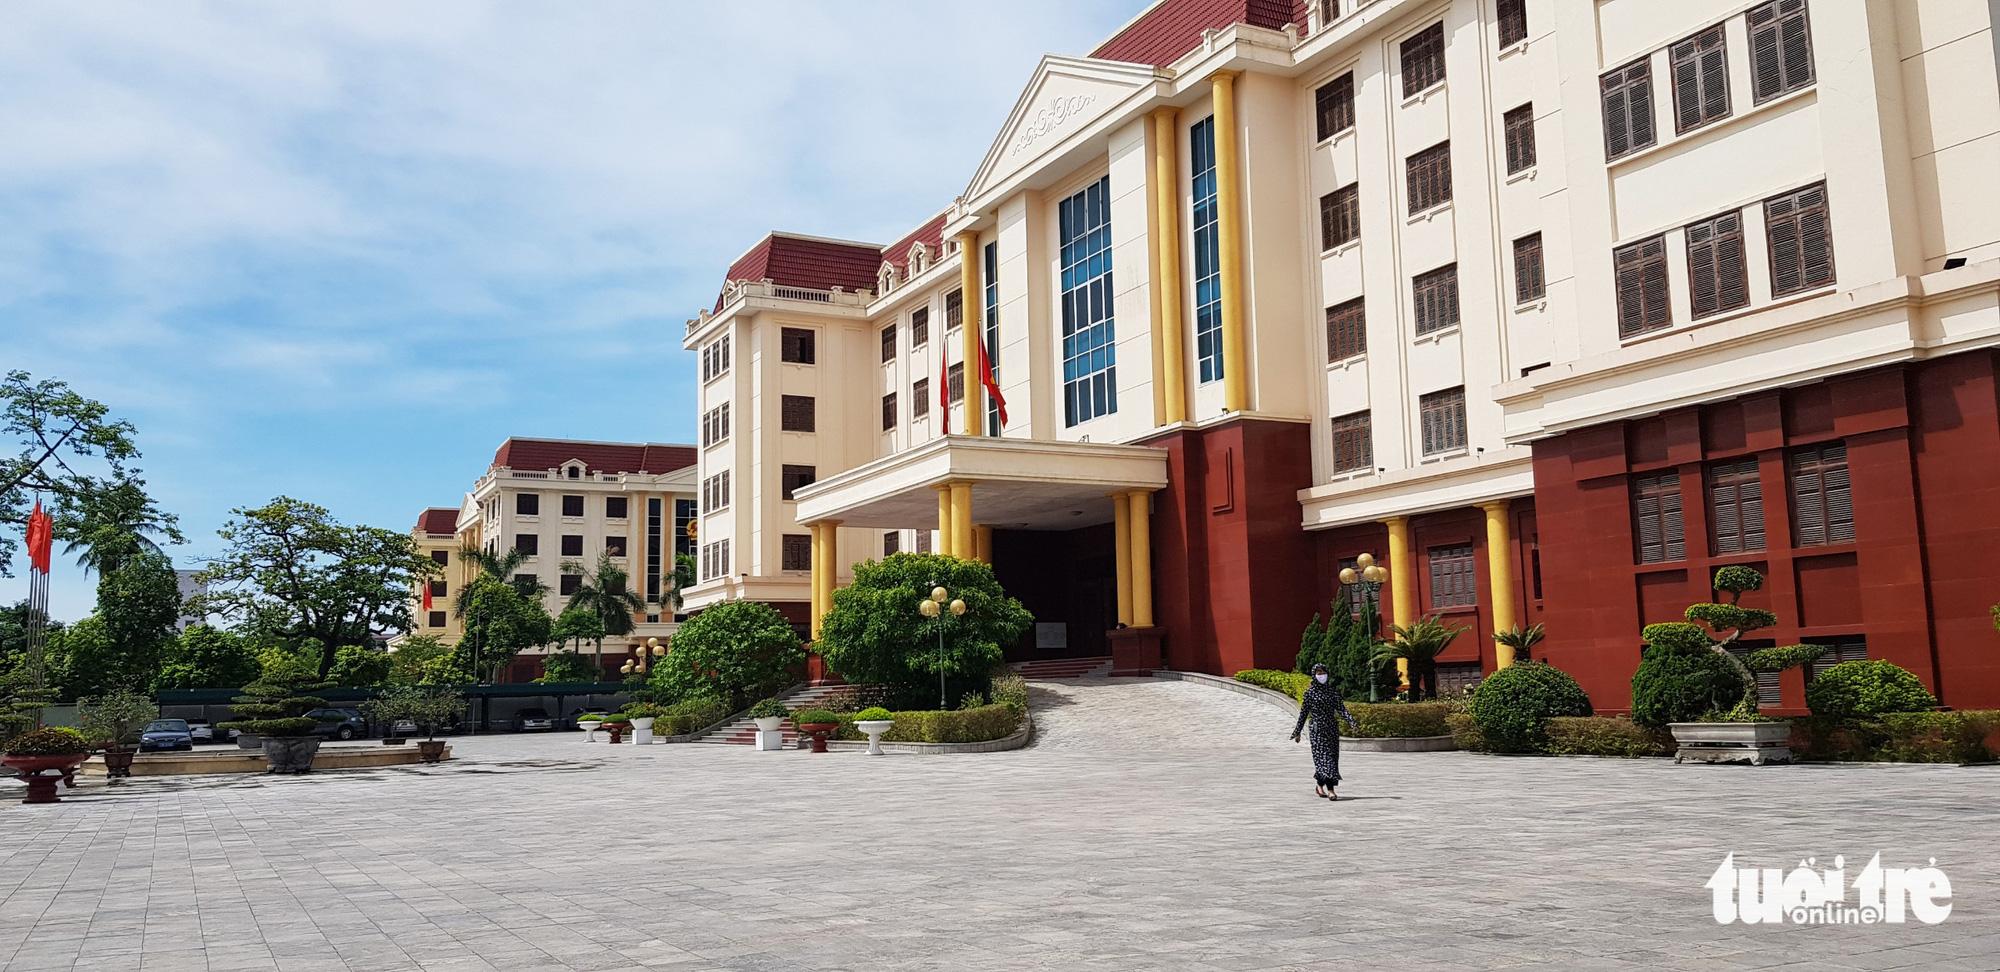 Hàng loạt lãnh đạo tỉnh Thái Bình đi công tác giữa lúc dịch COVID-19 phức tạp - Ảnh 1.